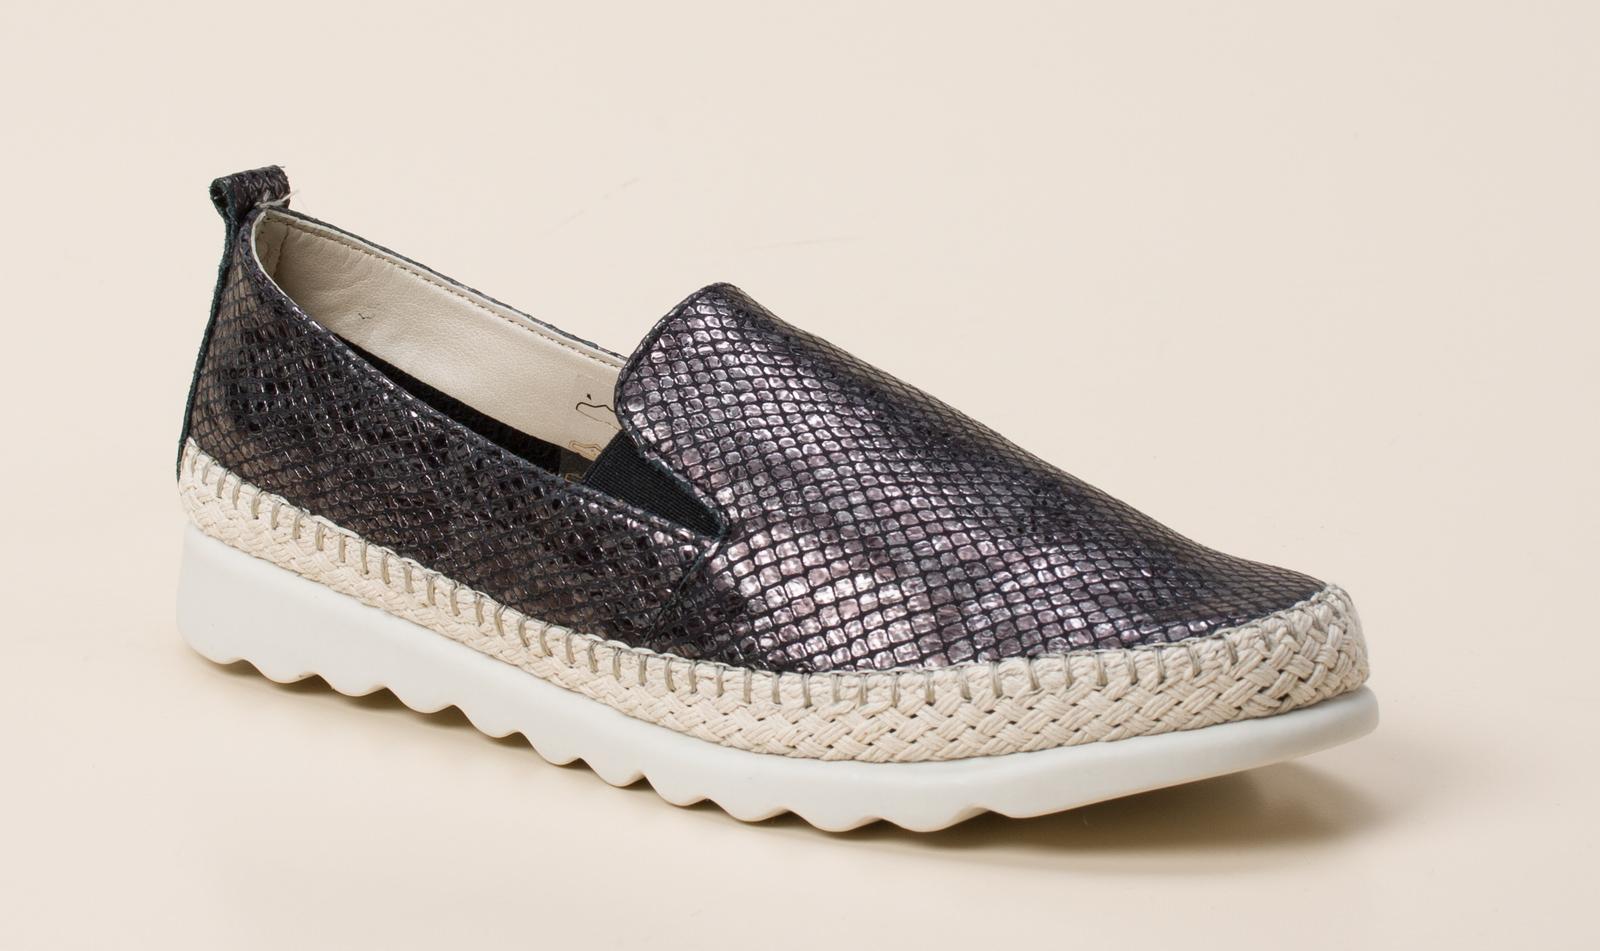 7bca83378644 The Flexx Damen Slipper in schwarz grau kaufen   Zumnorde Online-Shop